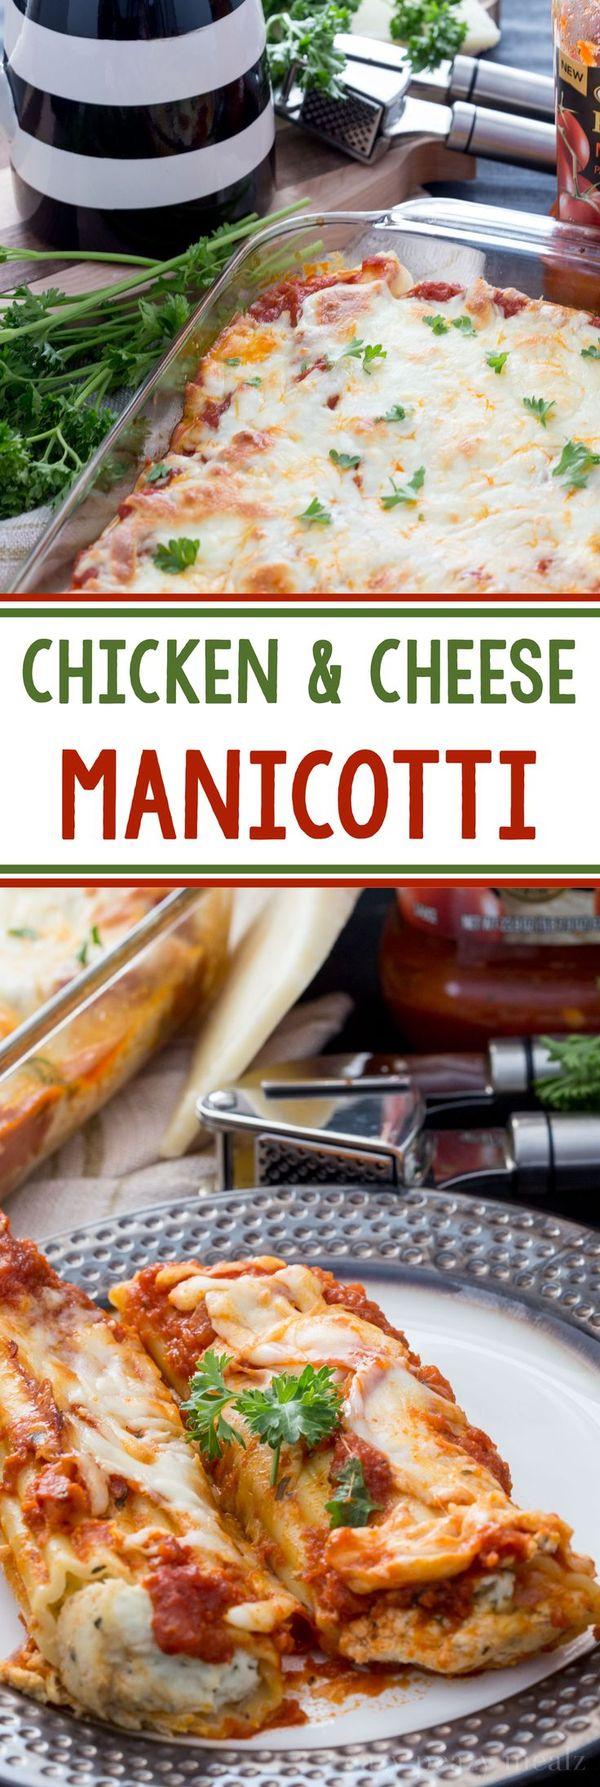 Chicken and Cheese Manicotti